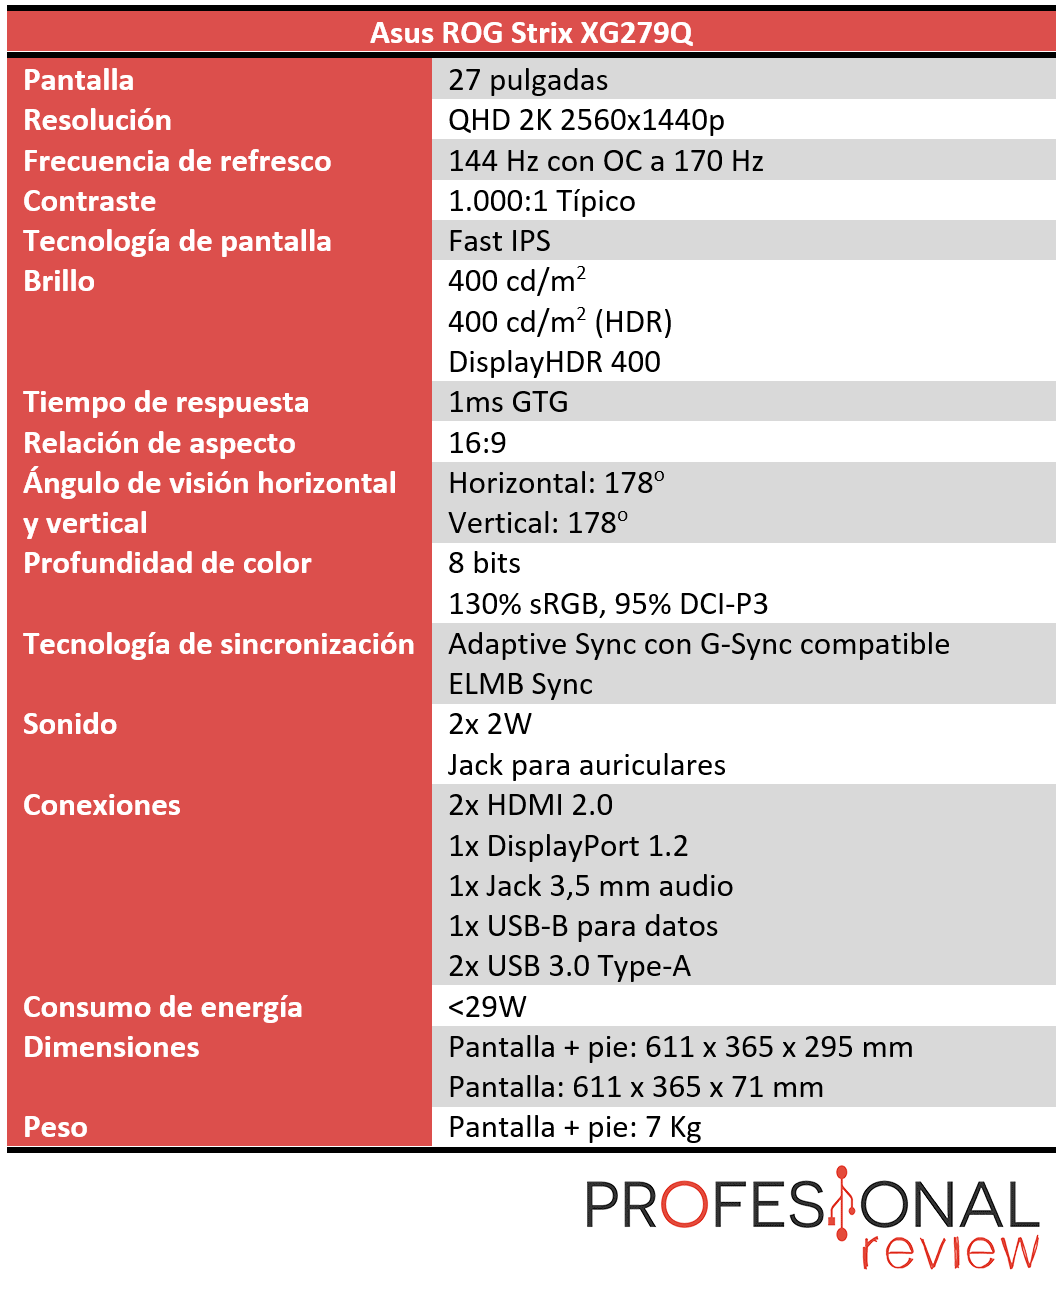 Asus ROG Strix XG279Q Características